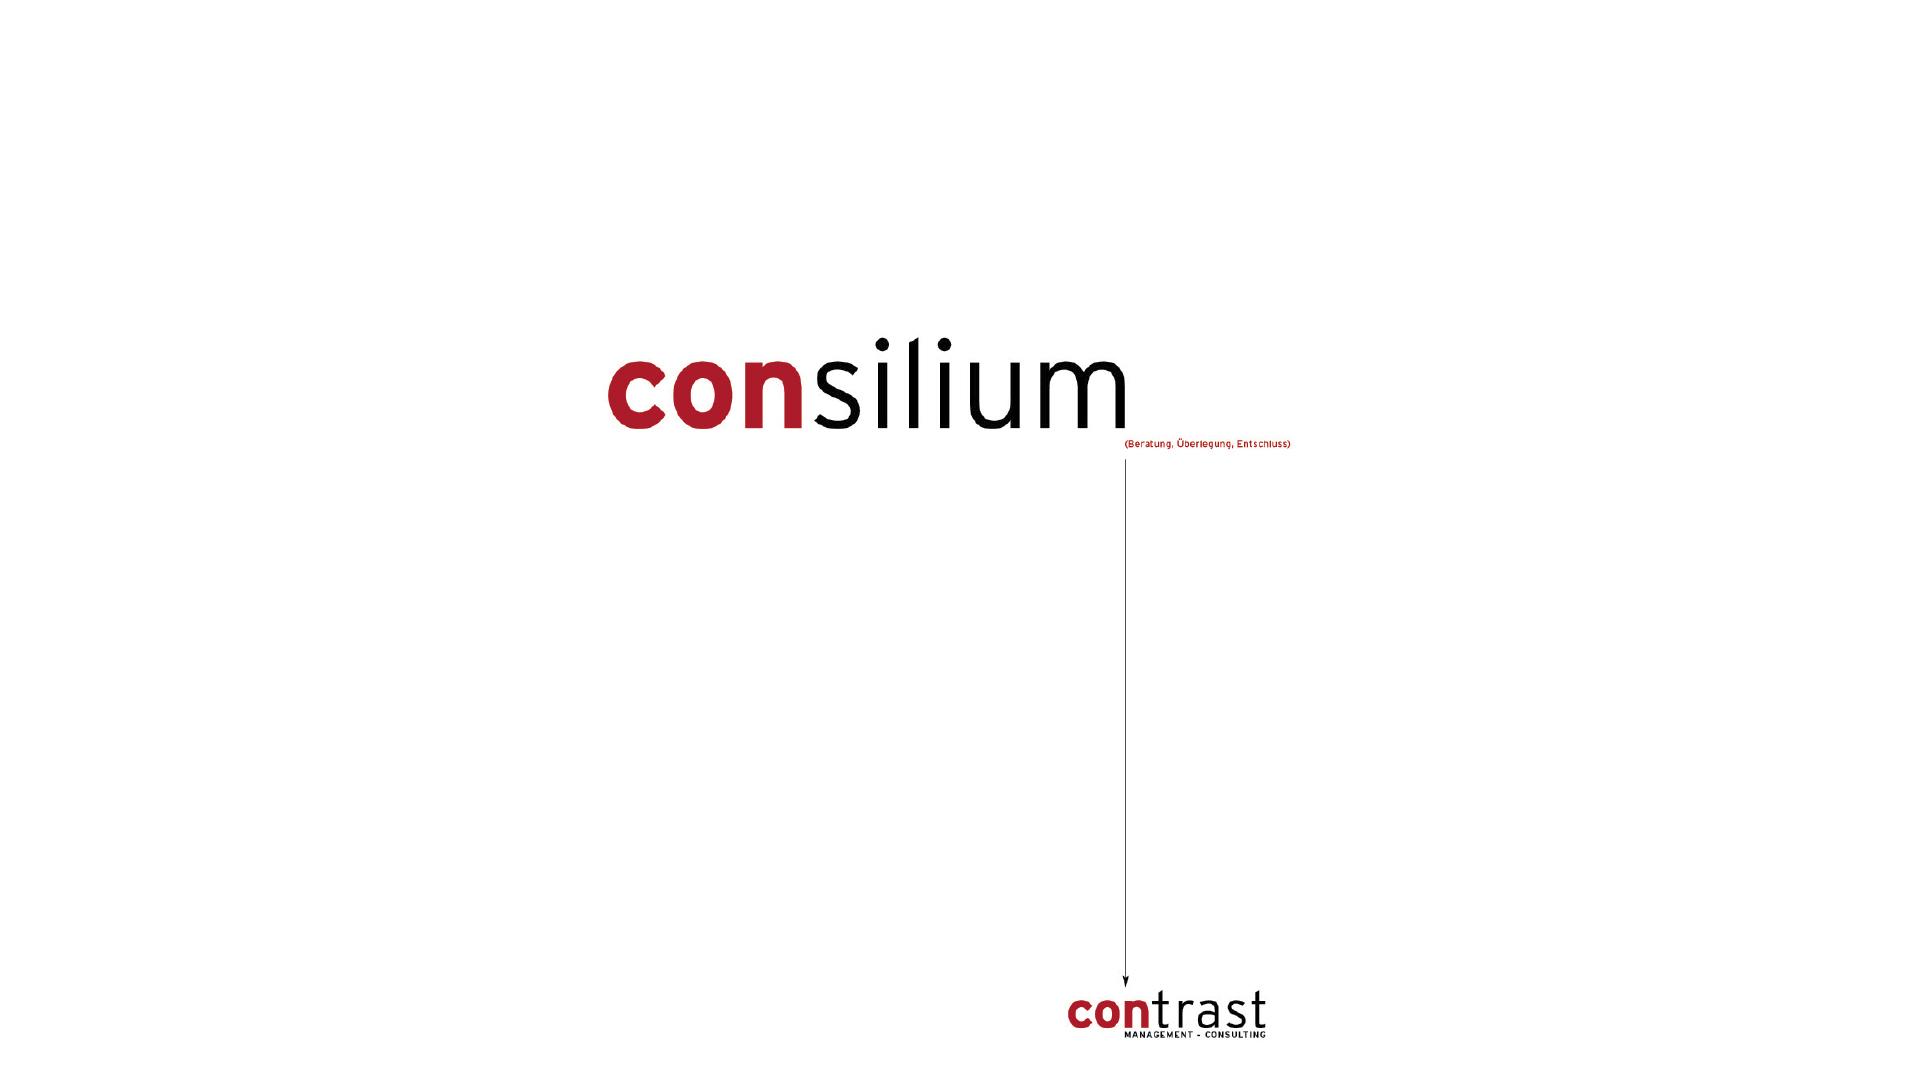 Designentwicklung für das Unternehmen. Logo, Imagebroschüre, Inserate ...